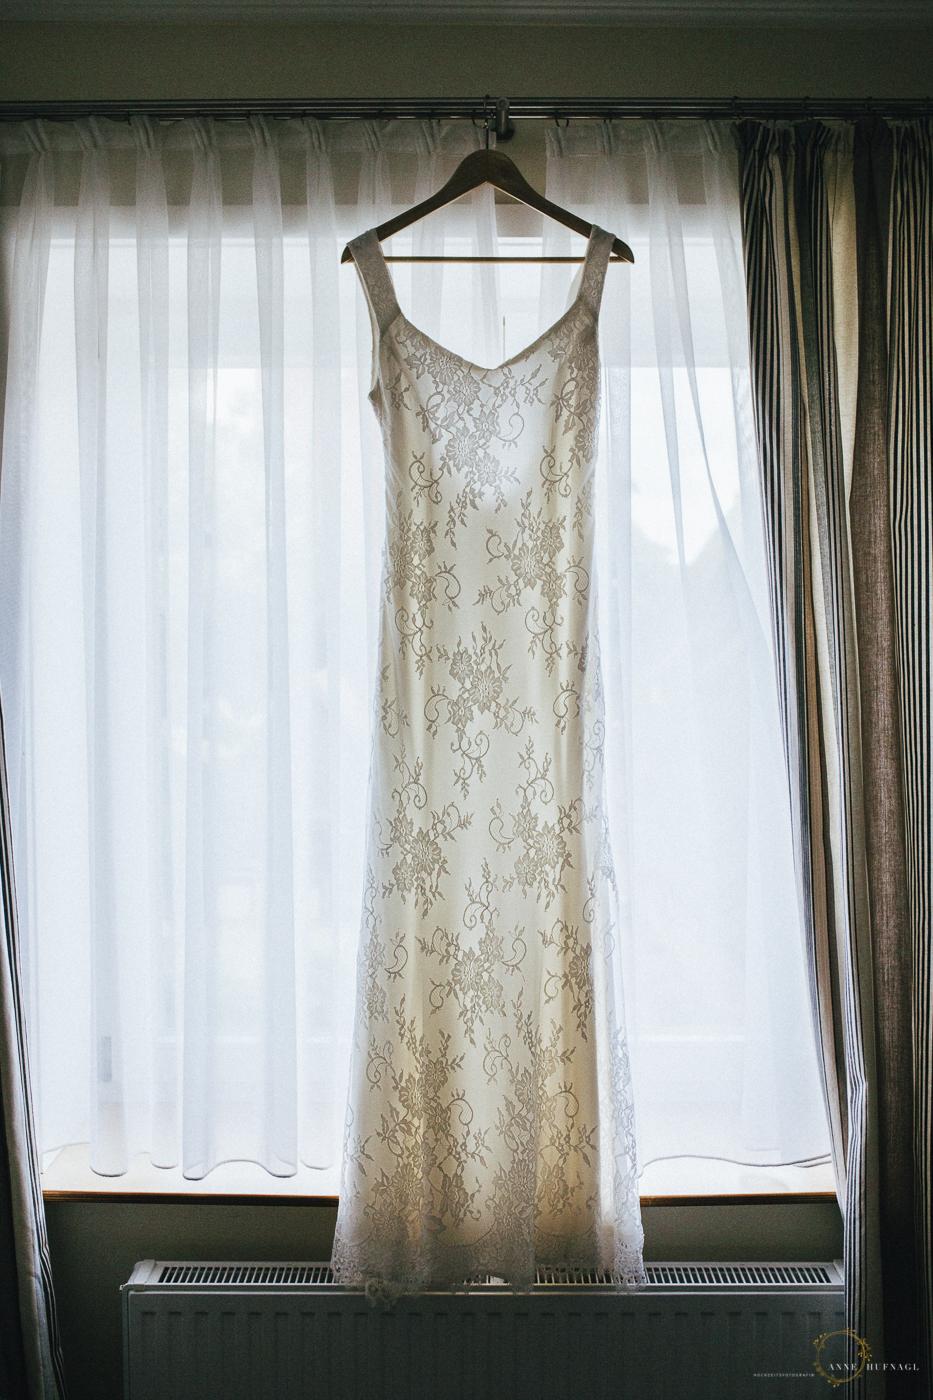 Wunderschönes DIY Hochzeitskleid selbstgenäht von der Braut